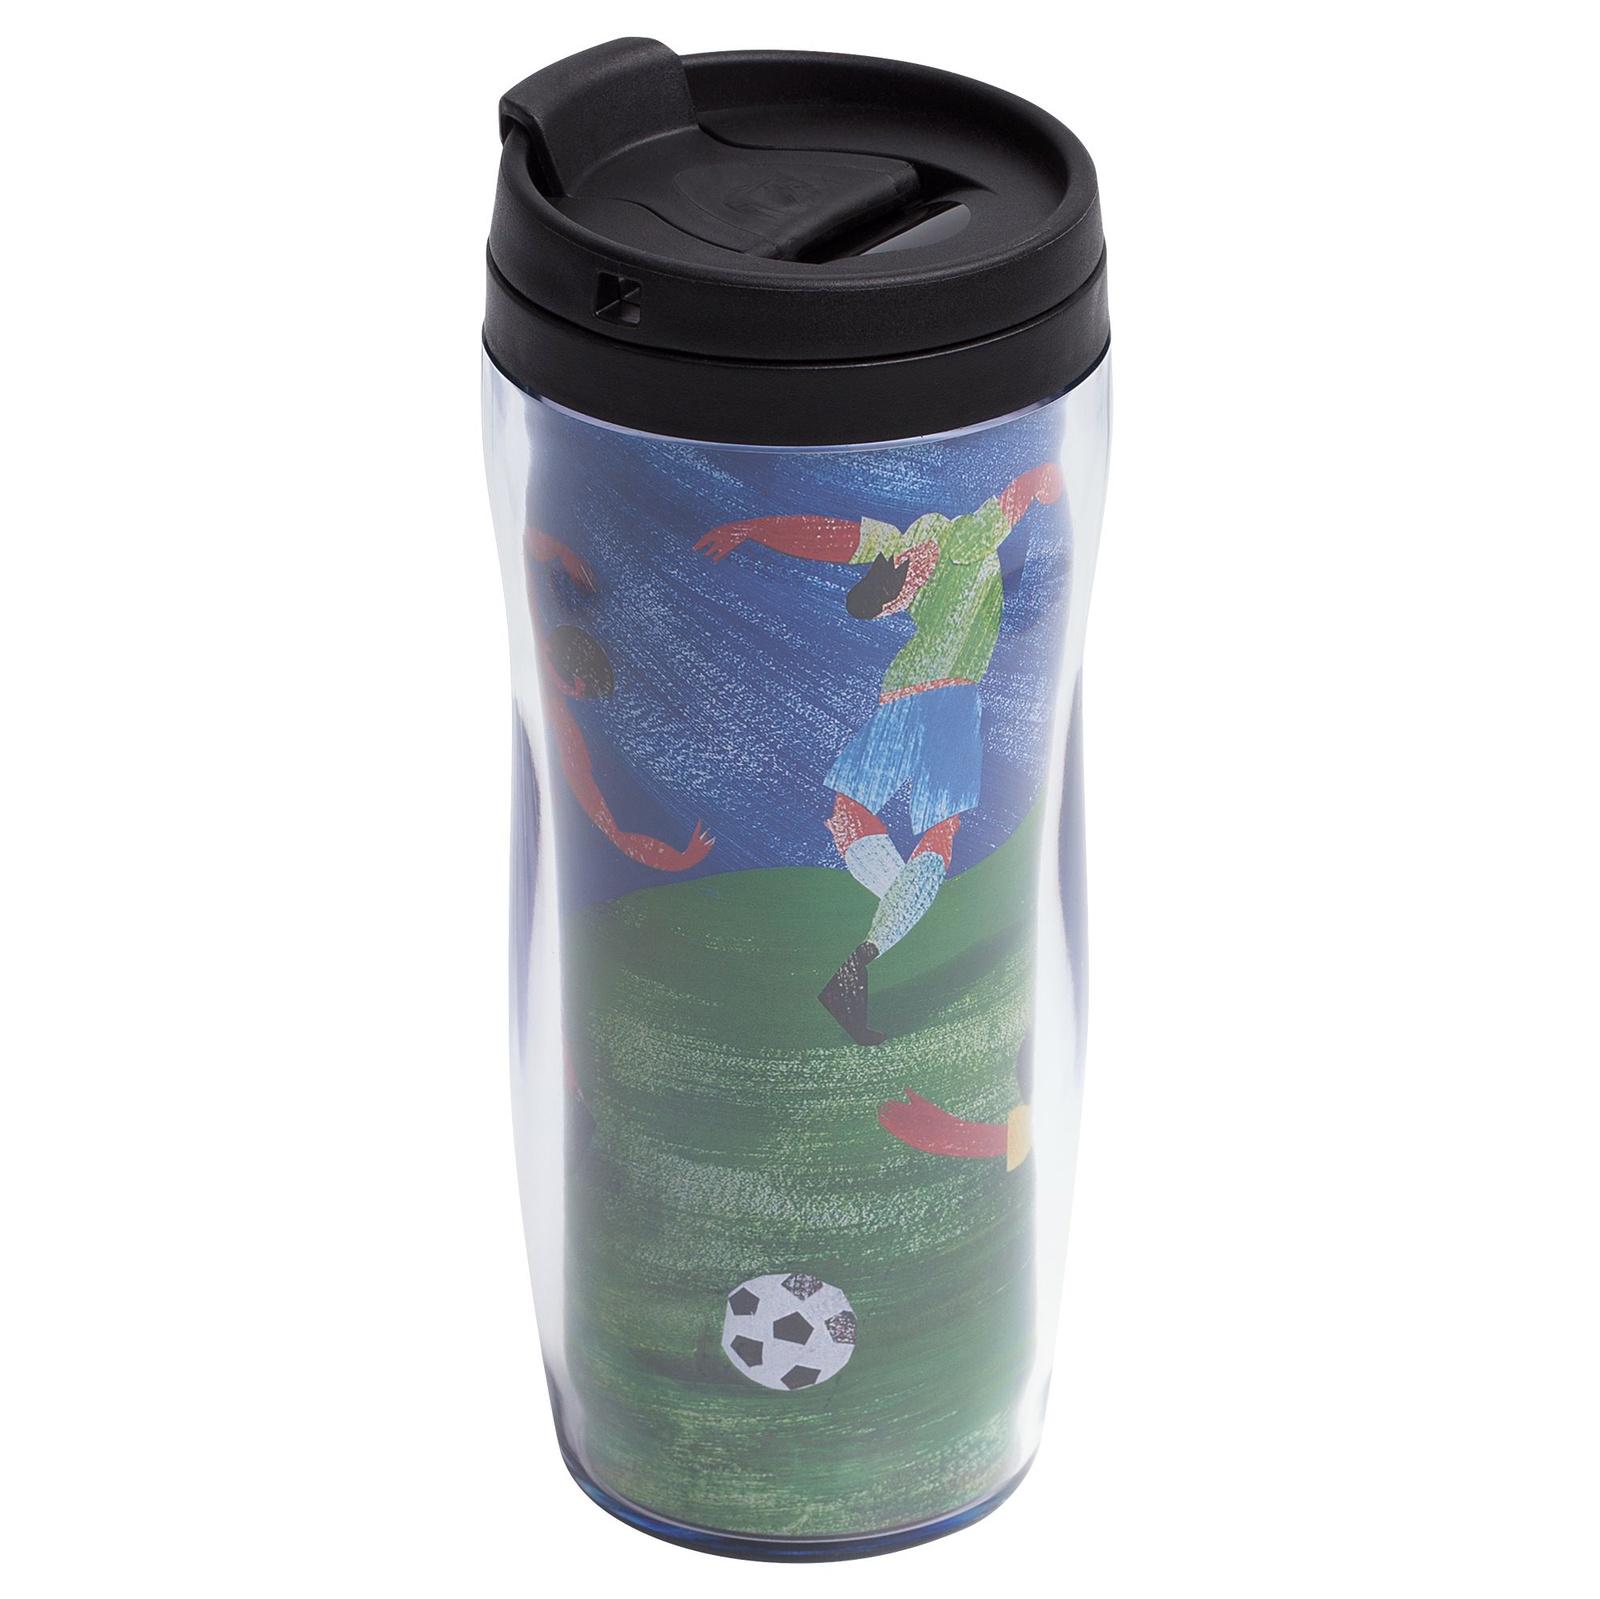 Термокружка Принтэссенция Термостакан «Футбол via Матисс», 7414.30, черный, синий, зеленый